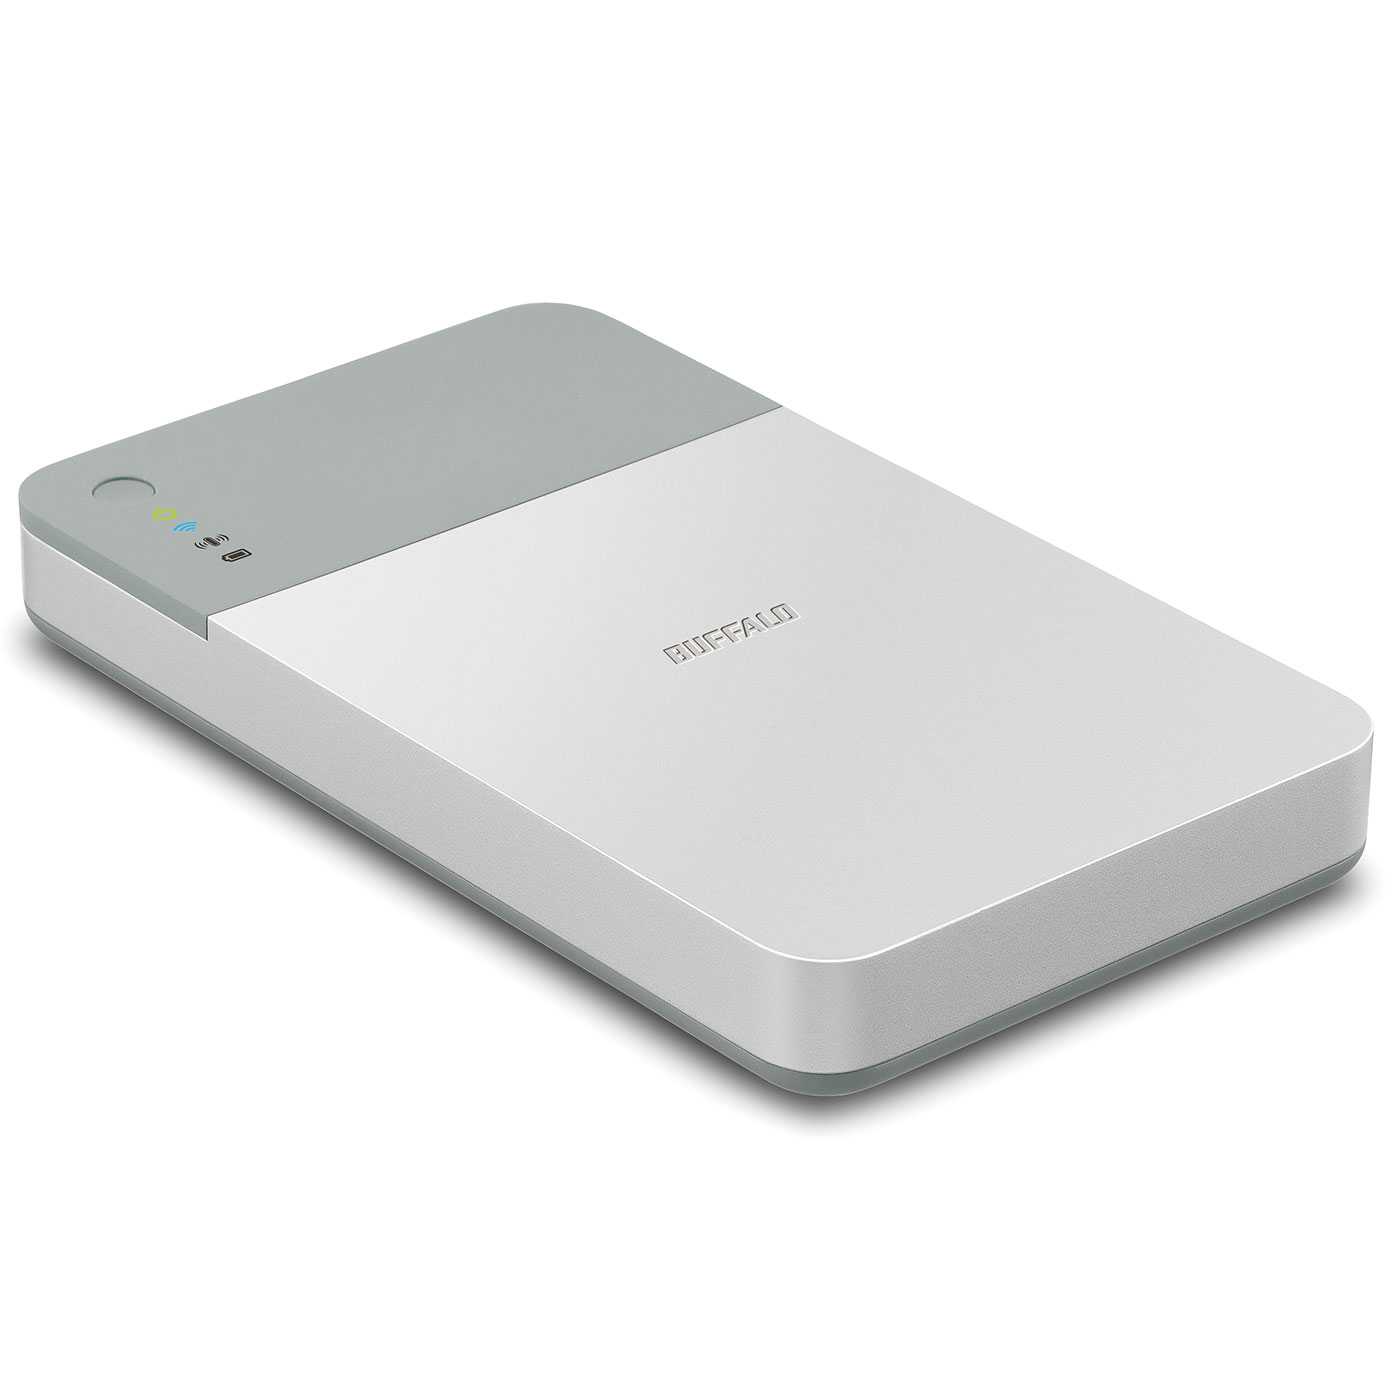 Disque dur externe Buffalo MiniStation Air 2 - 500 Go Disque dur portable USB 3.0 avec partage Wi-Fi sur iOS et Android